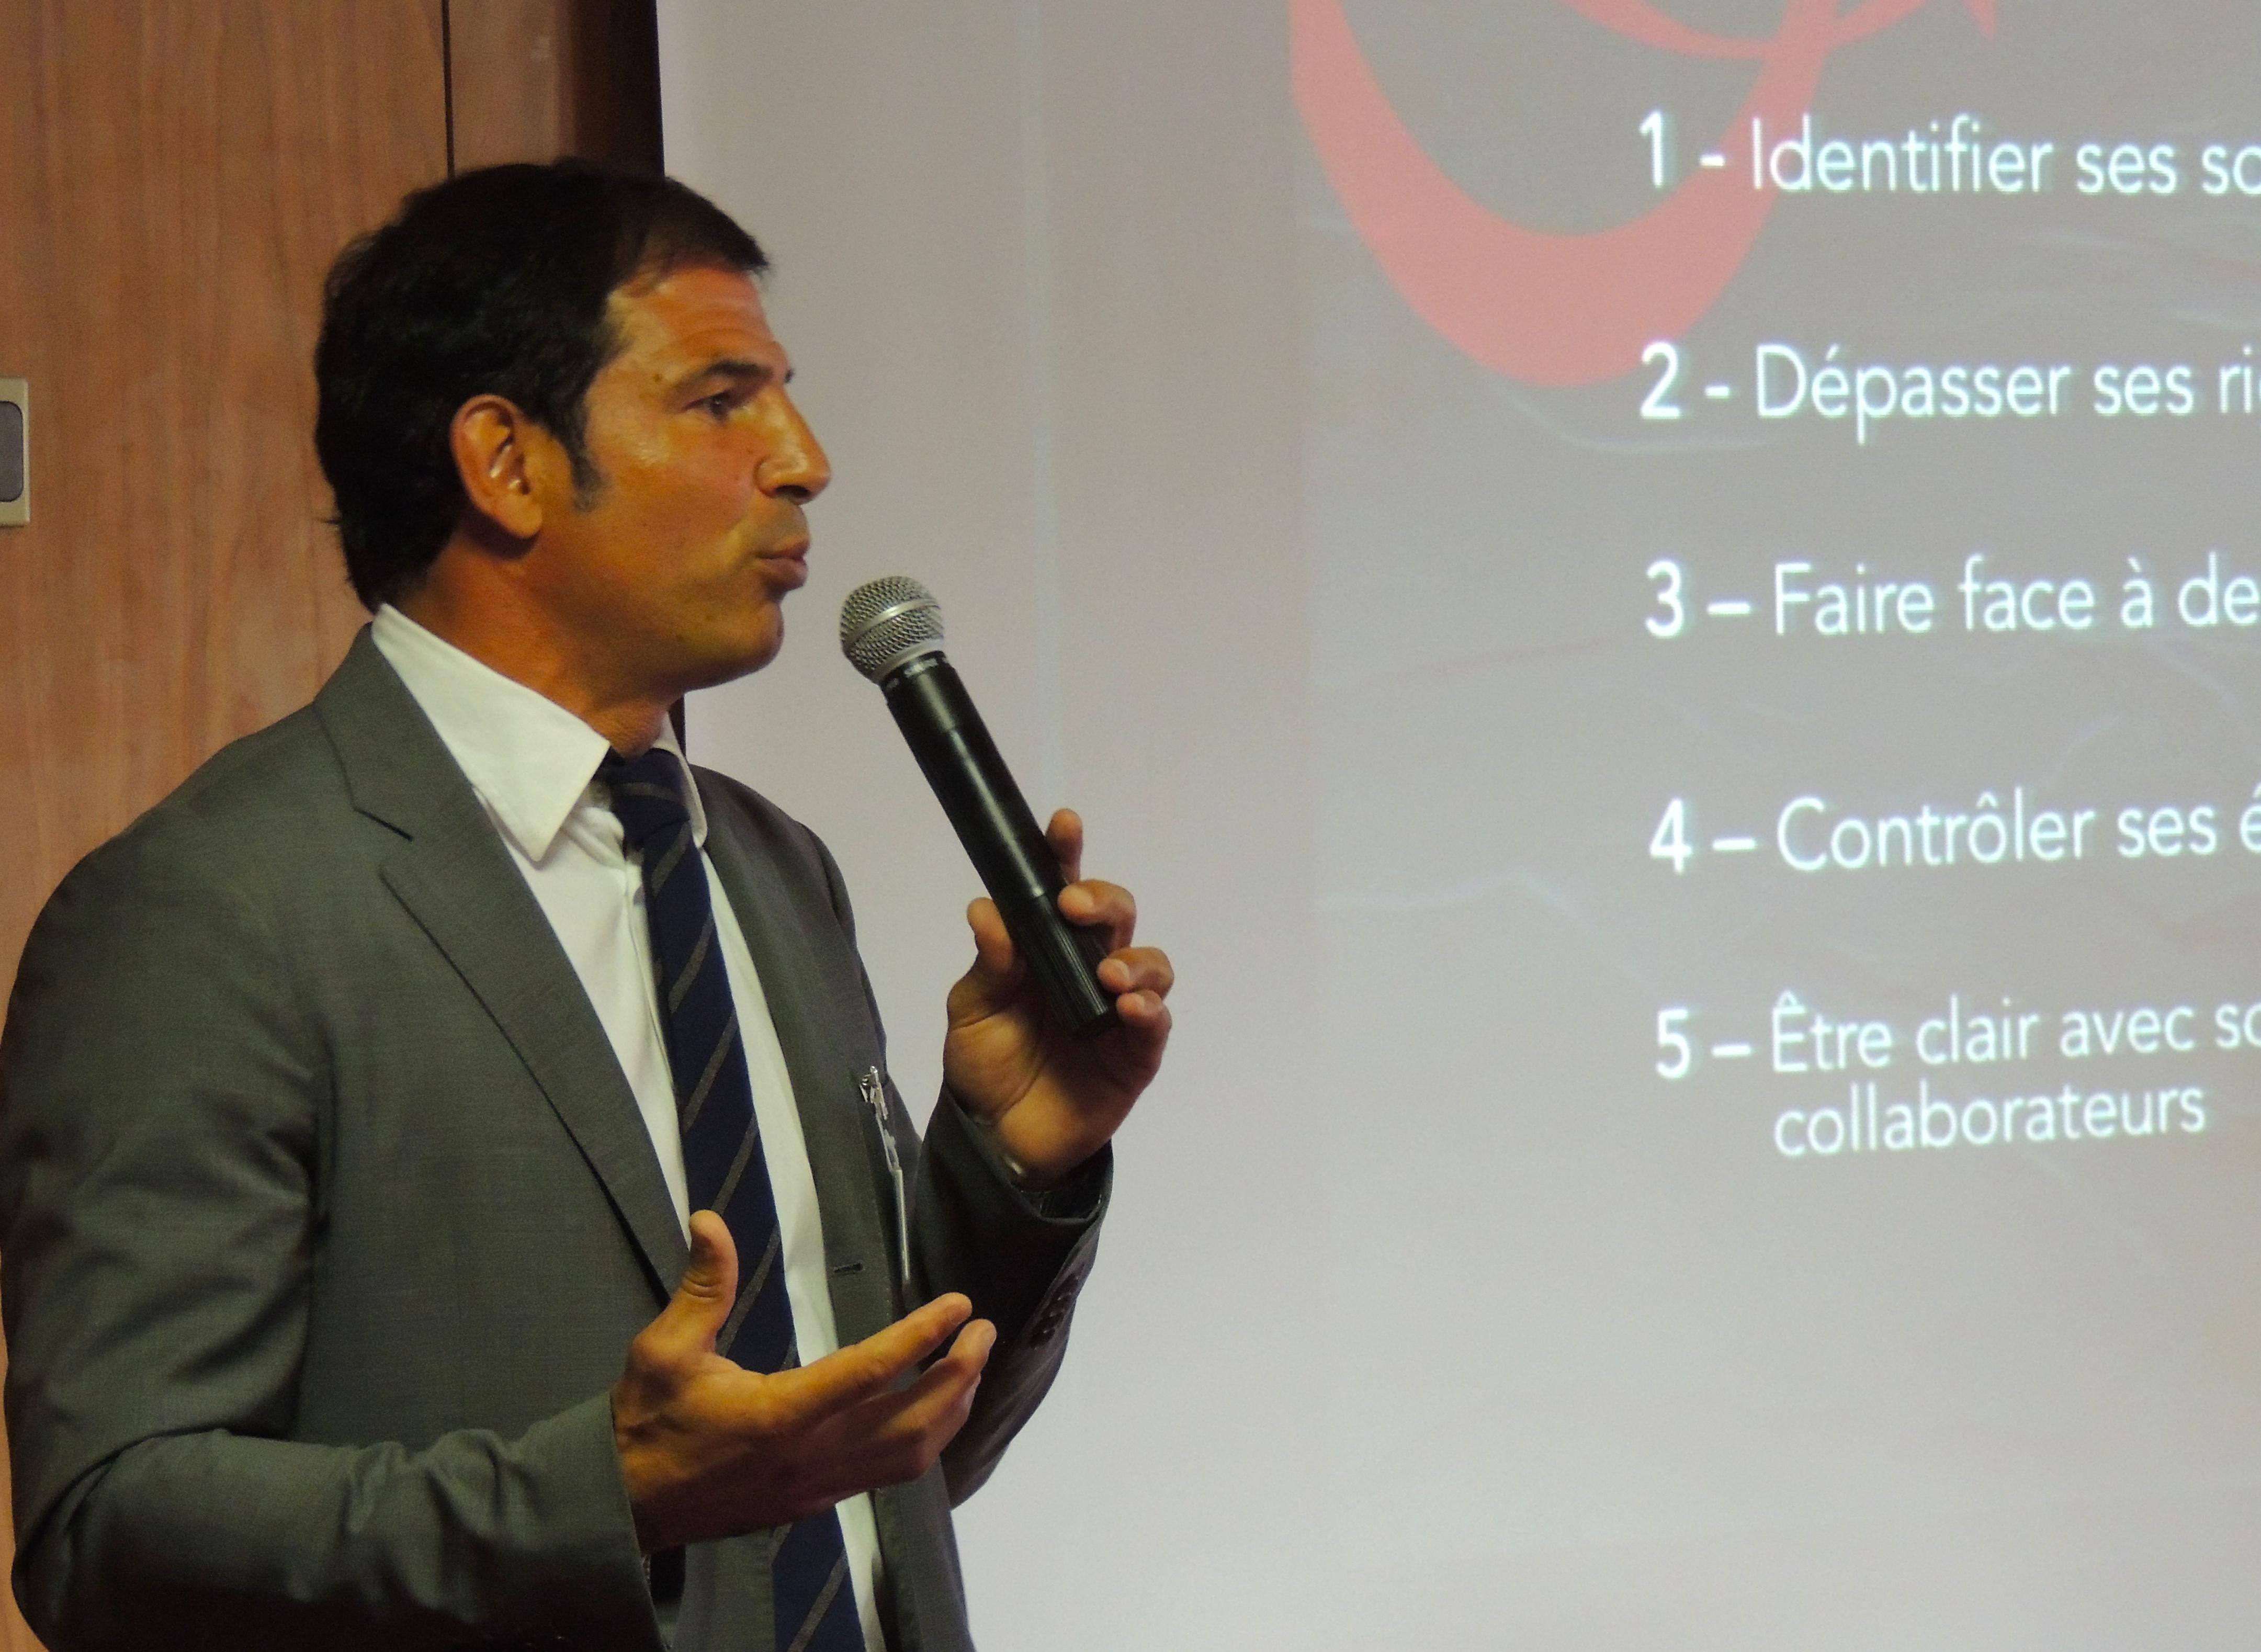 Marc Lièvremont CONFÉRENCIER SPORTIF esprit d'équipe WECHAMP